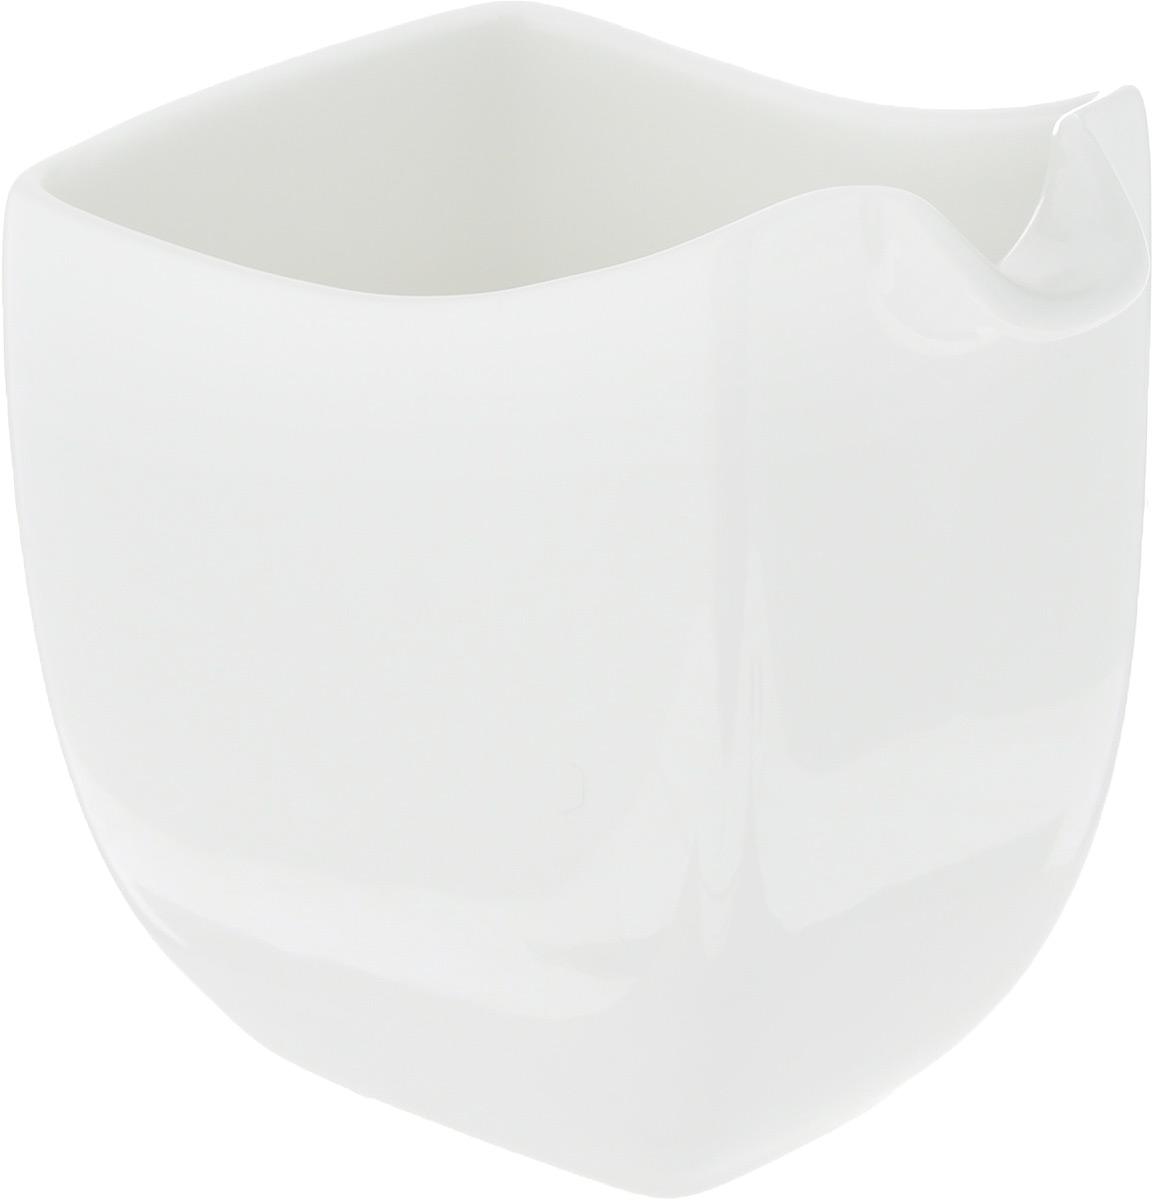 Молочник Ariane Rectangle, 150 мл115510Элегантный молочник Ariane Rectangle, выполненный из высококачественного фарфора с глазурованным покрытием, предназначен для подачи сливок, соуса и молока. Изящный, но в то же время простой дизайн молочника, станет прекрасным украшением стола. Можно мыть в посудомоечной машине и использовать в микроволновой печи. Размер молочника (по верхнему краю): 5,5 х 8 см.Высота молочника: 9 см.